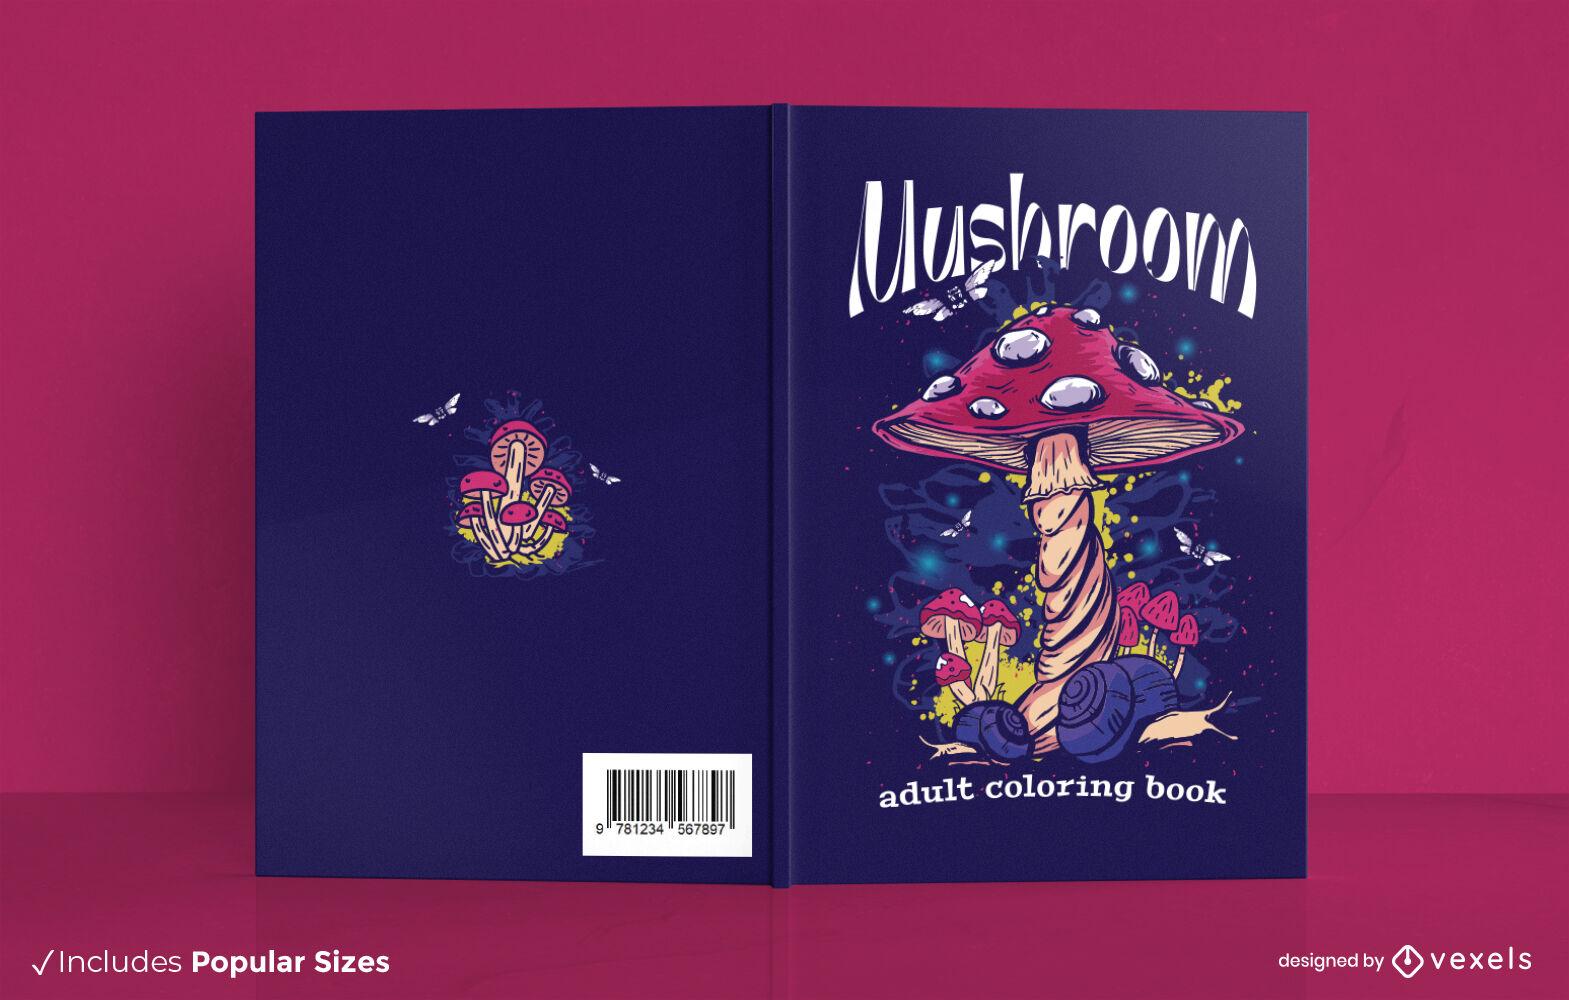 Great mushroom coloring book cover design